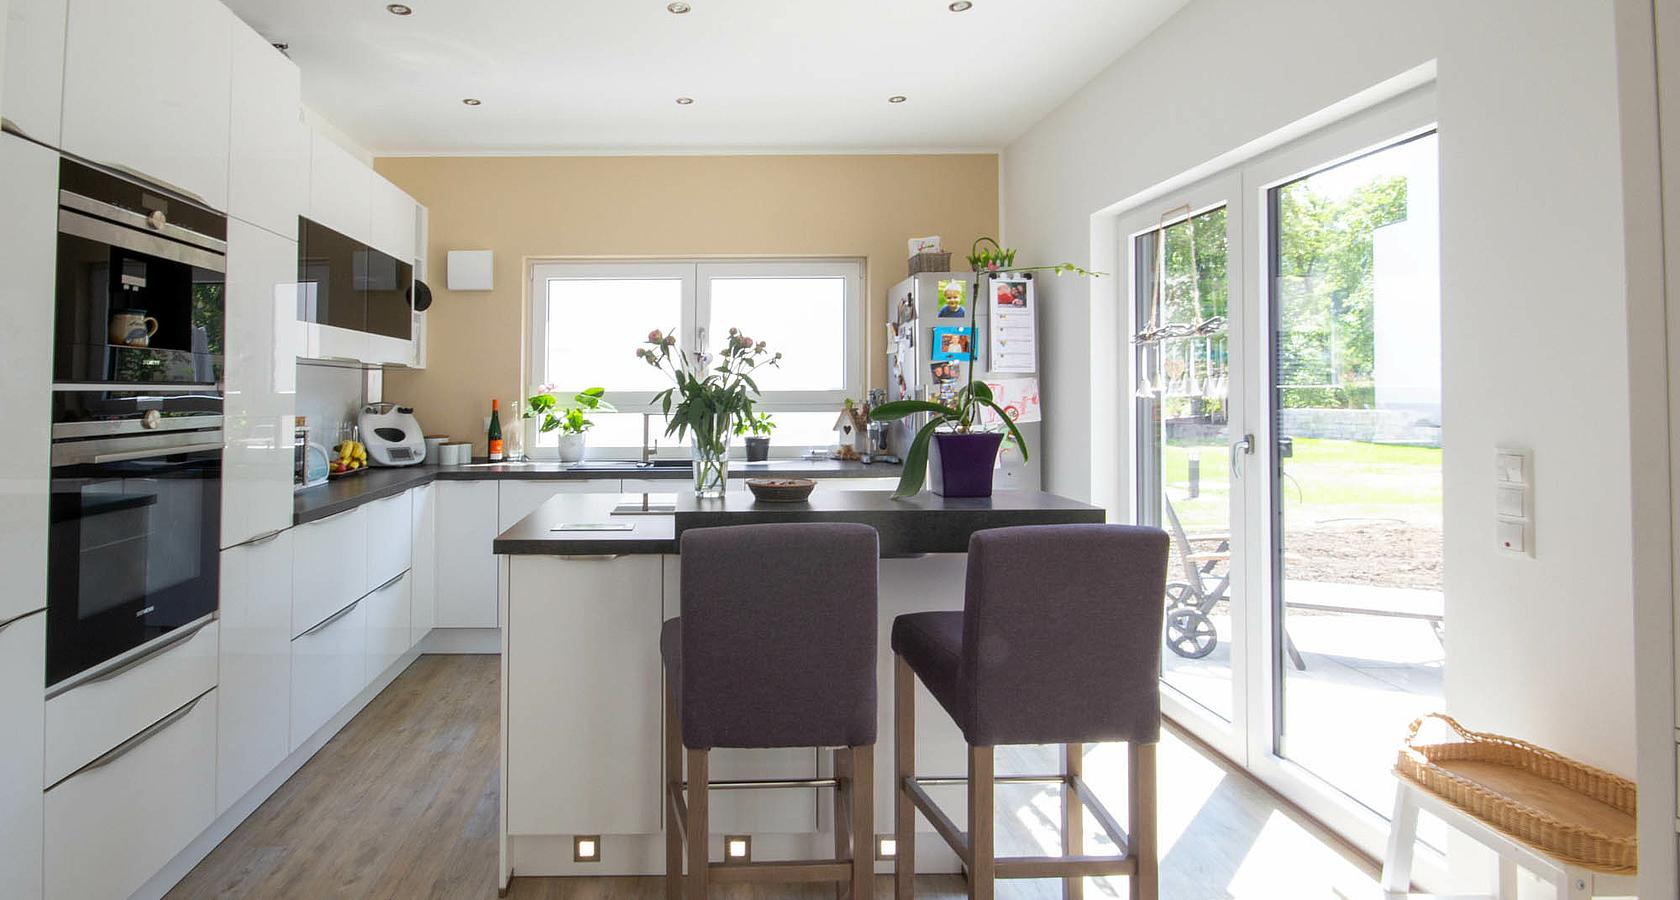 kern haus den traum vom eigenheim verwirklichen. Black Bedroom Furniture Sets. Home Design Ideas